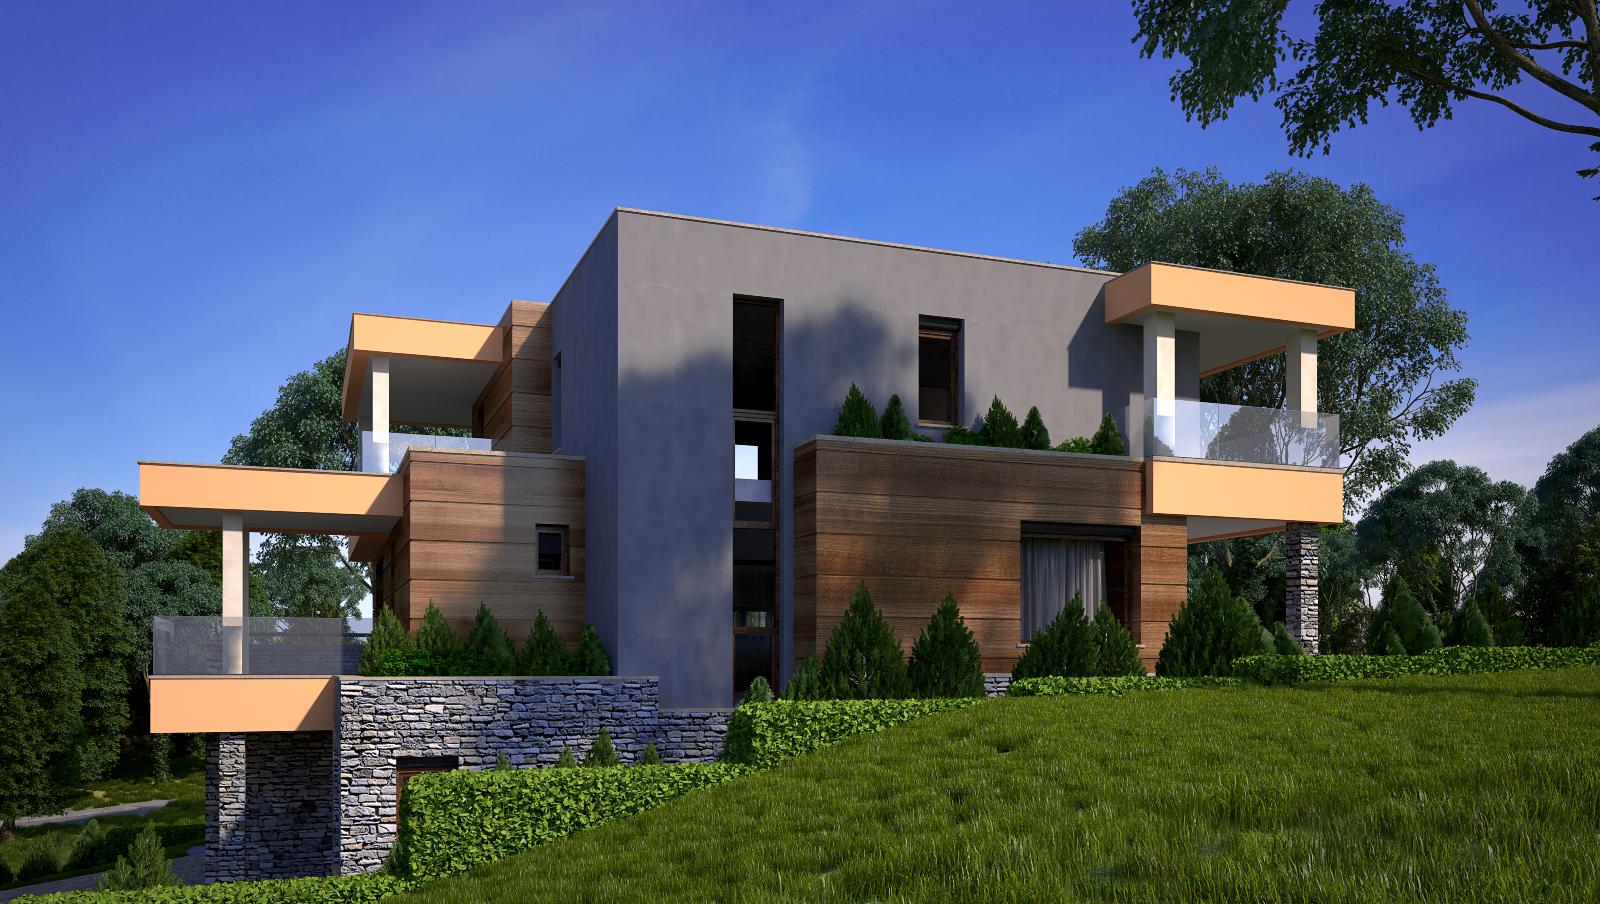 Проект на еднофамилна двуетажна къща със сутерен на наклонен терен